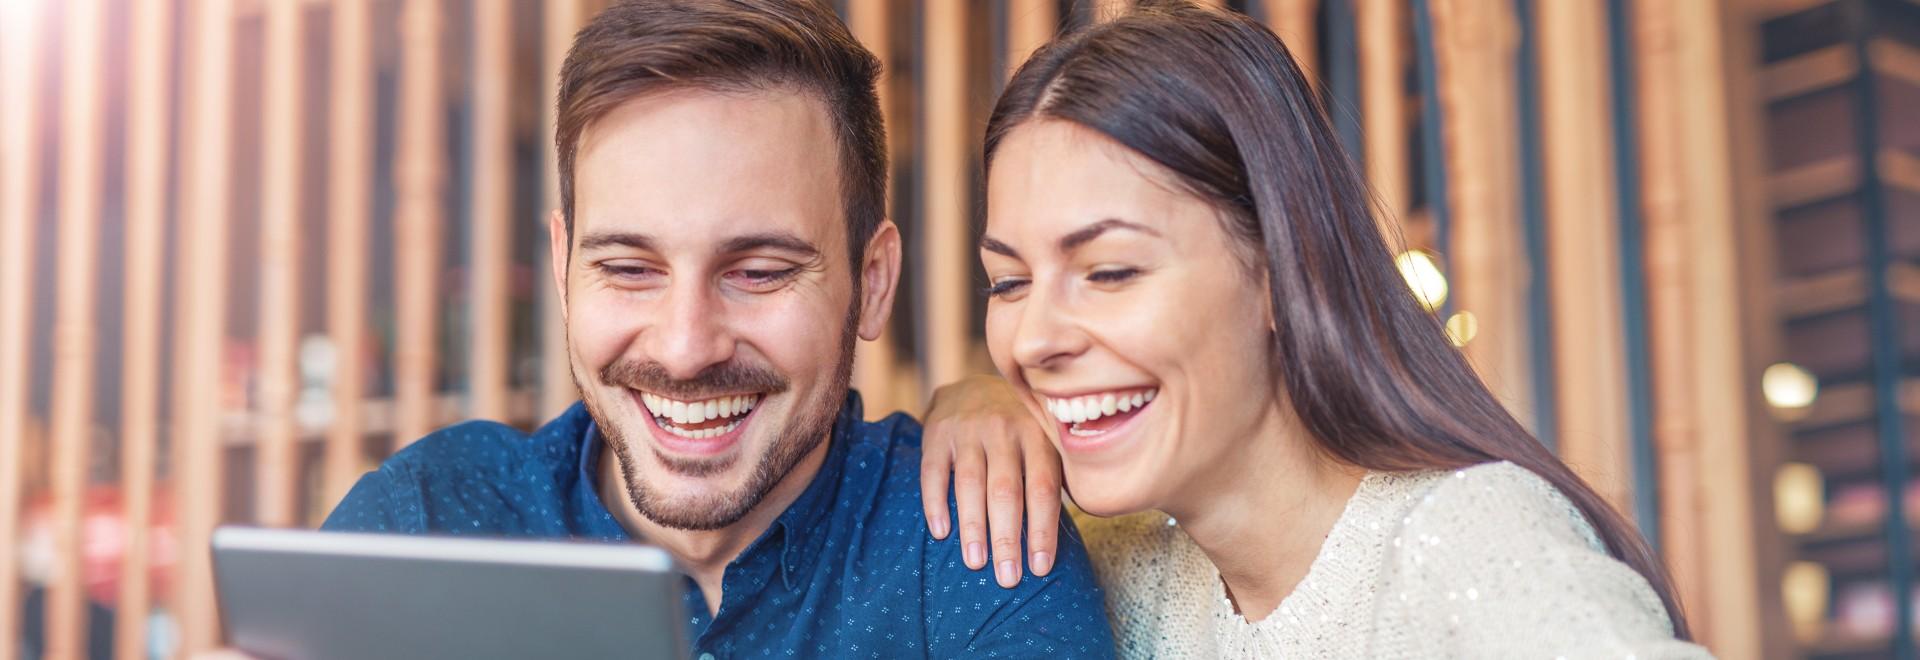 Polska Dating oss Szukaj Kristen dejting över hela världen